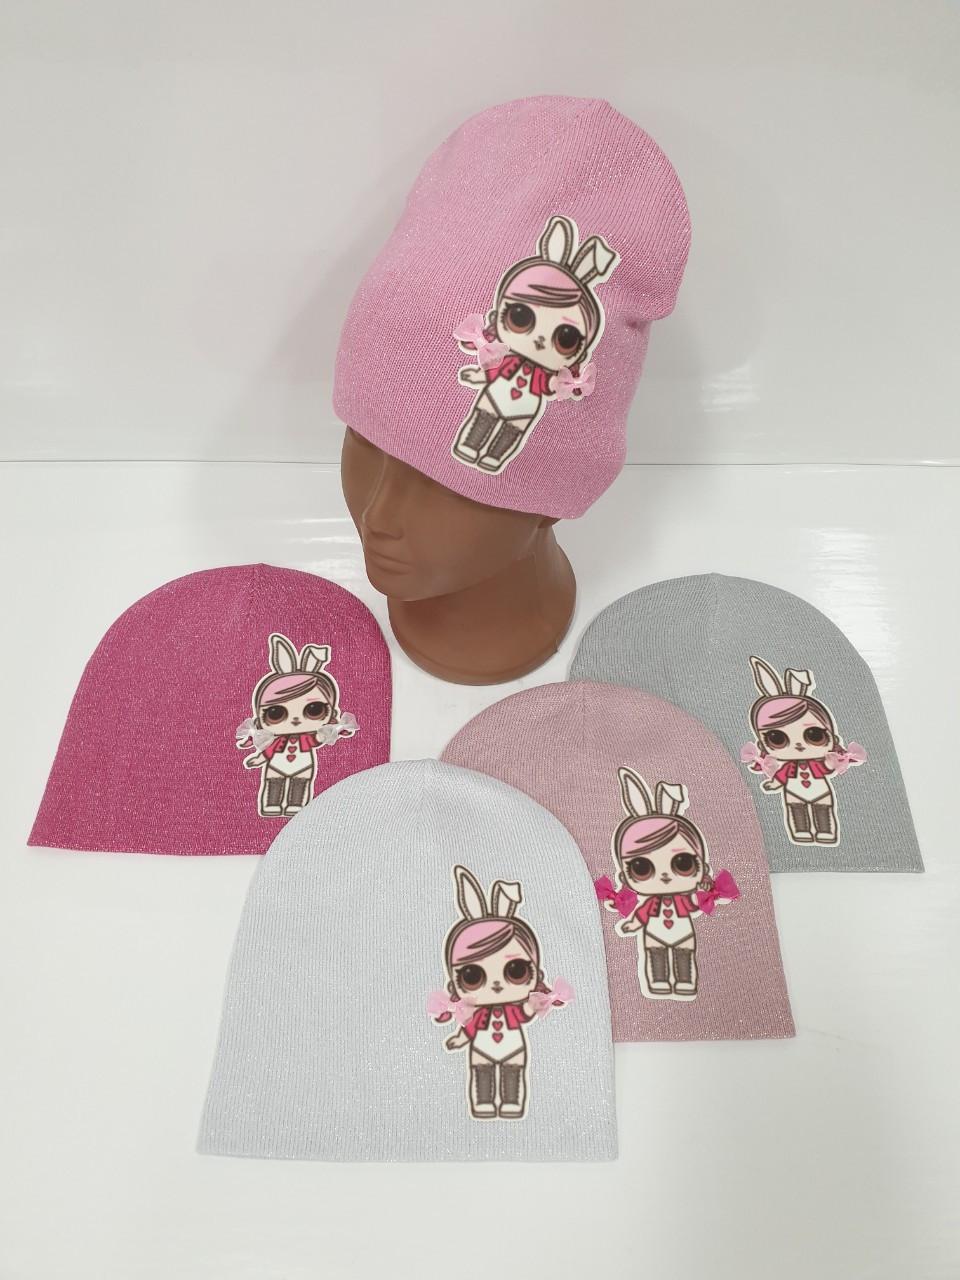 Детские демисезонные вязаные шапки для девочек оптом, р.48-50, ANPA (Польша)